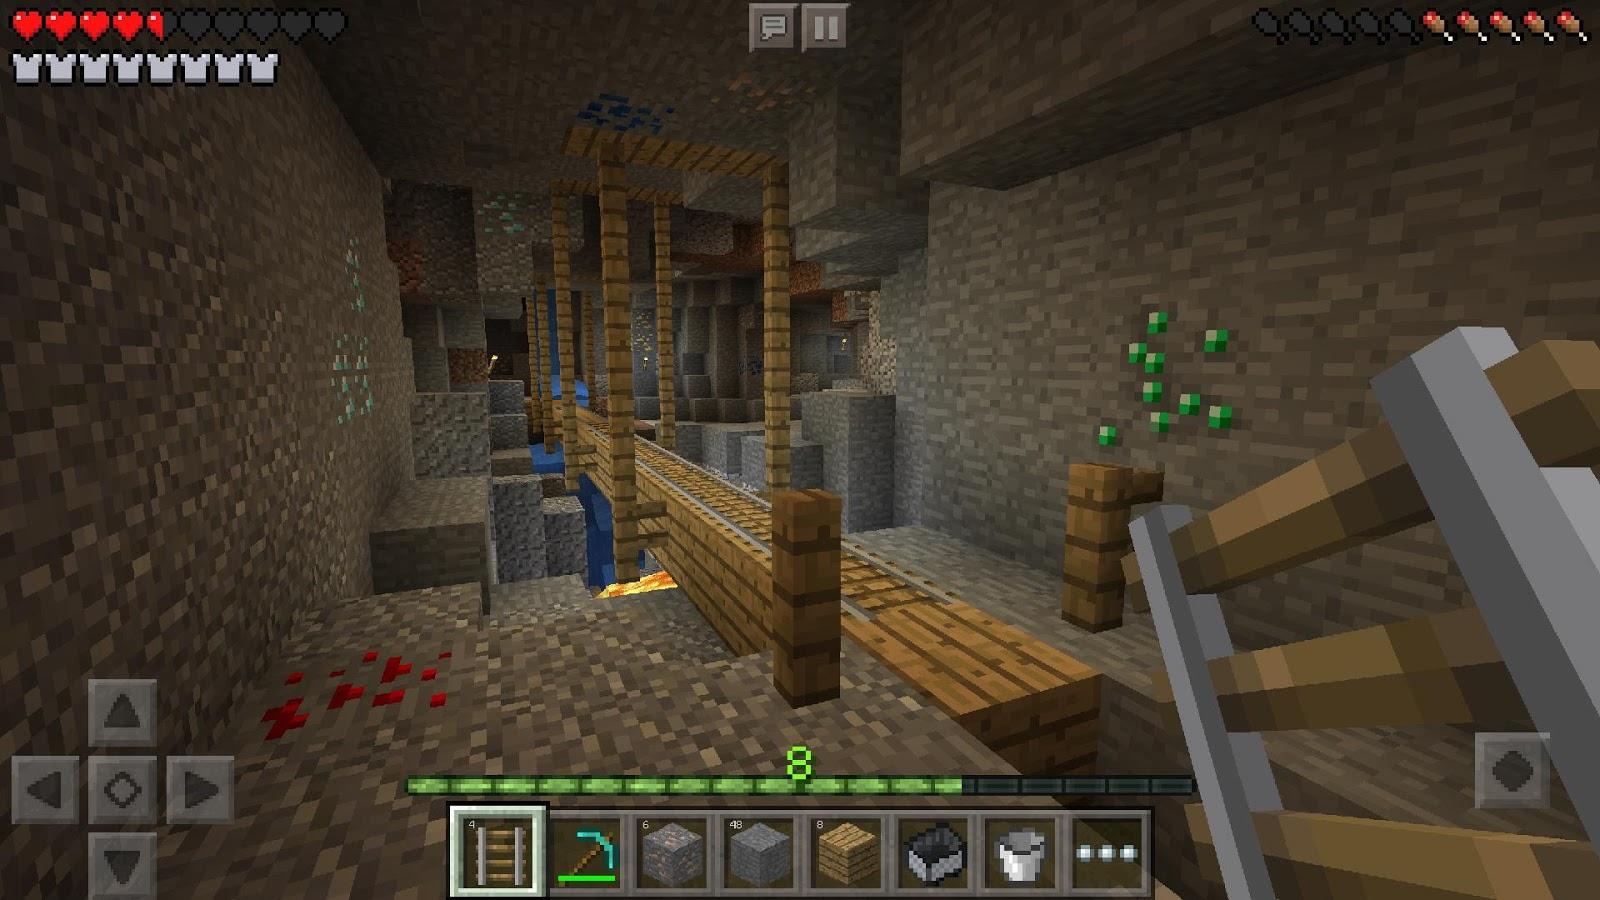 Minecraft Spielen Deutsch Skins Para Minecraft Pe Ipad Bild - Minecraft pocket edition spiele kostenlos